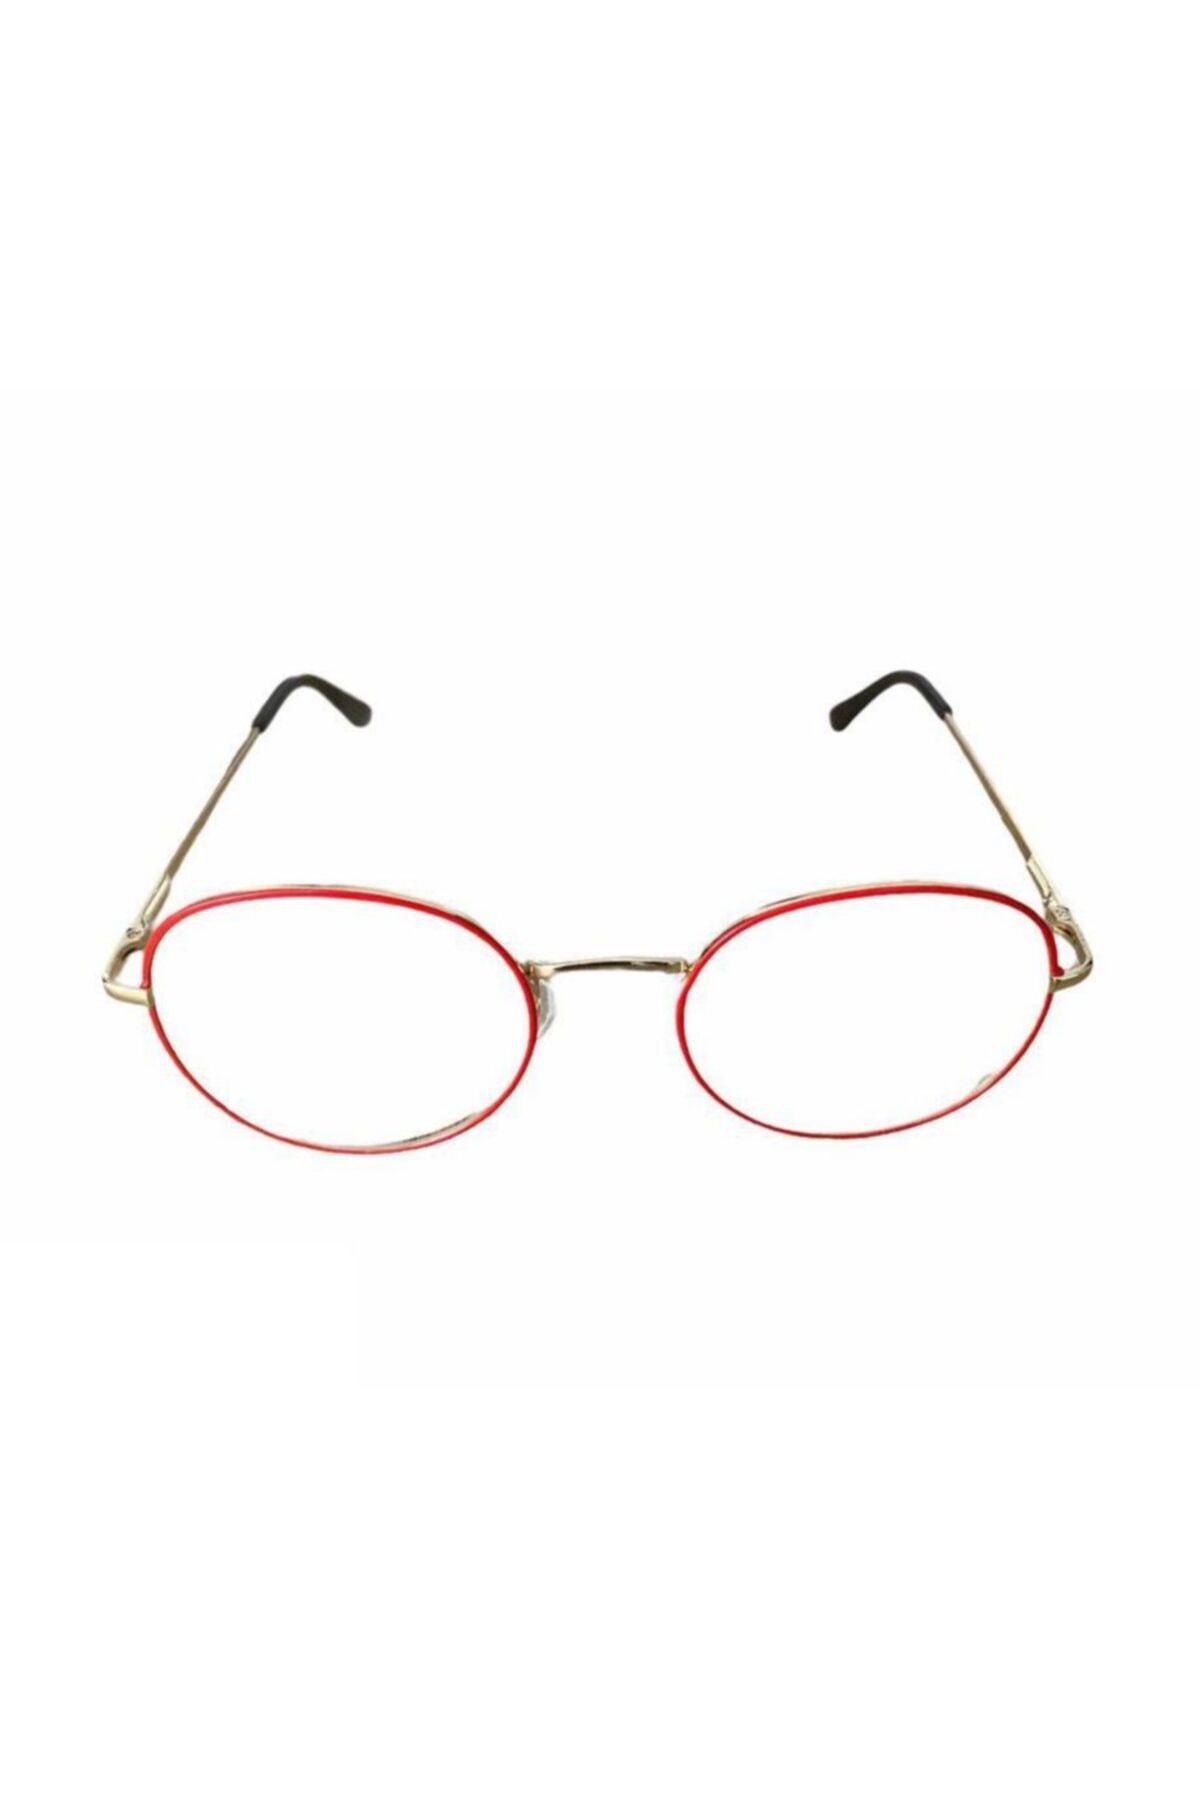 MARMORİS Anti Mavi Işık Engelleme Bilgisayar Okuma Gözlükleri 1